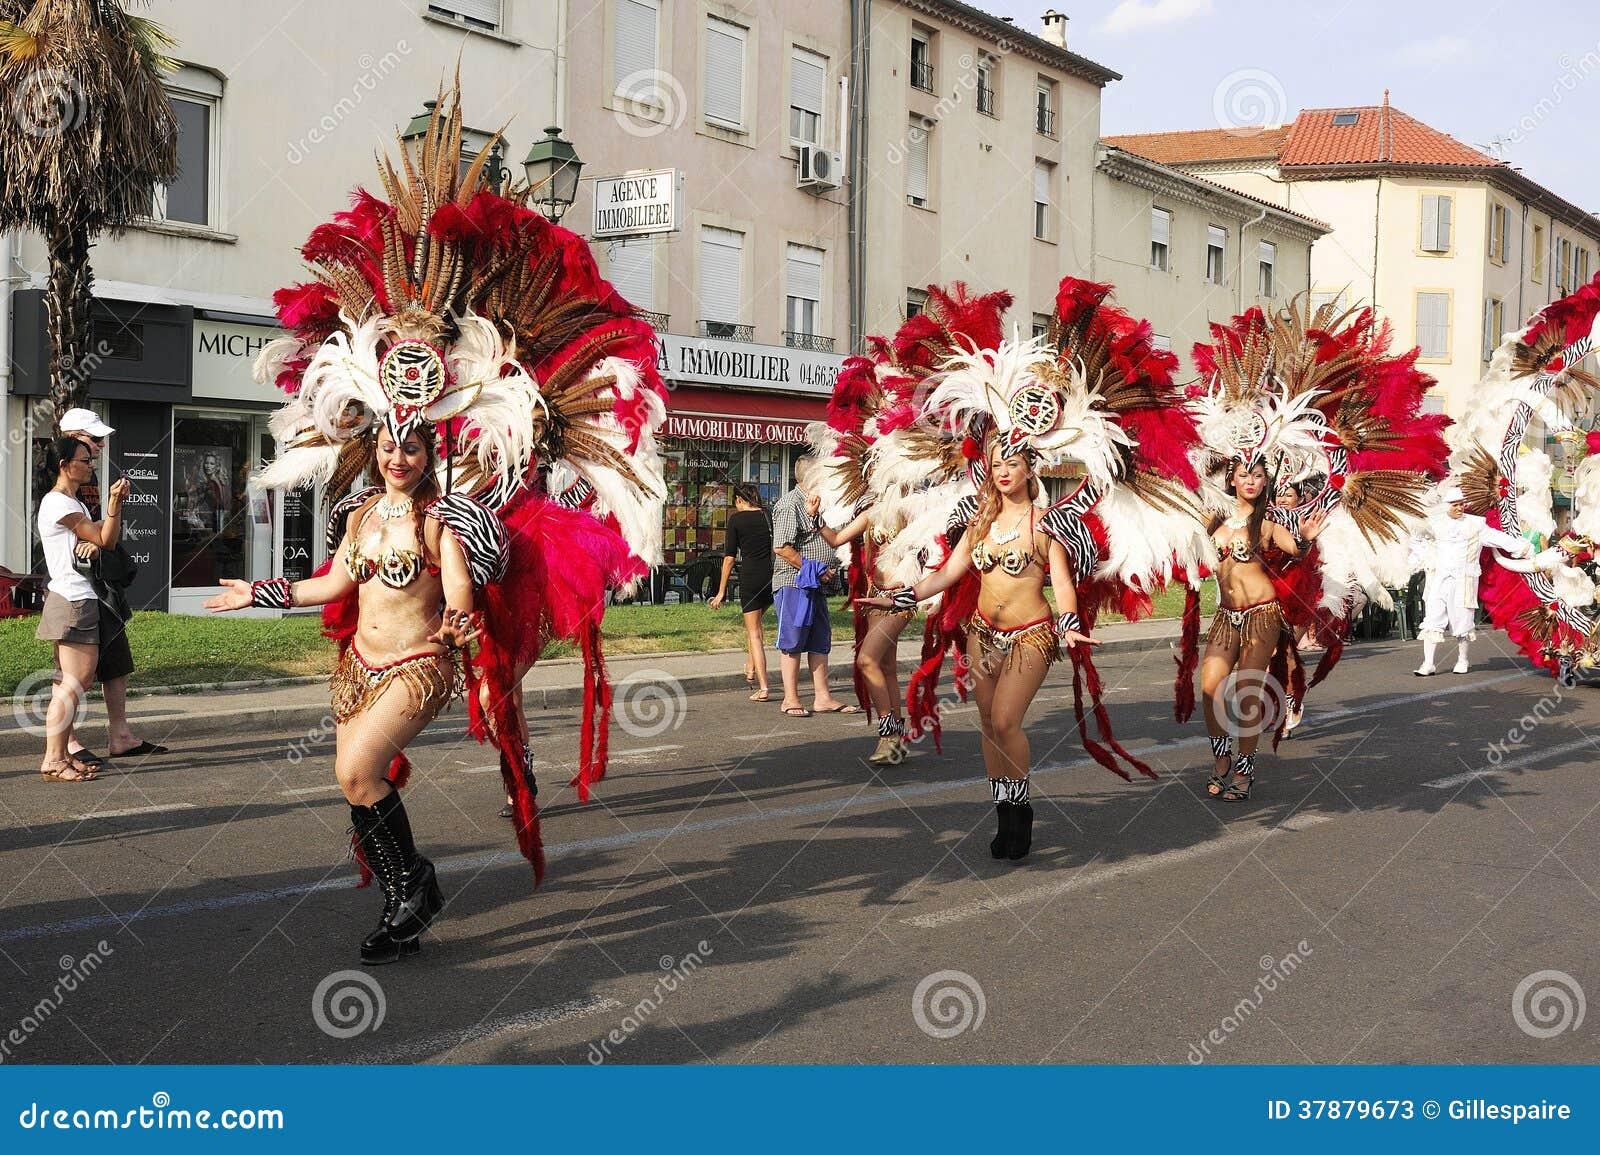 Carnaval Ales